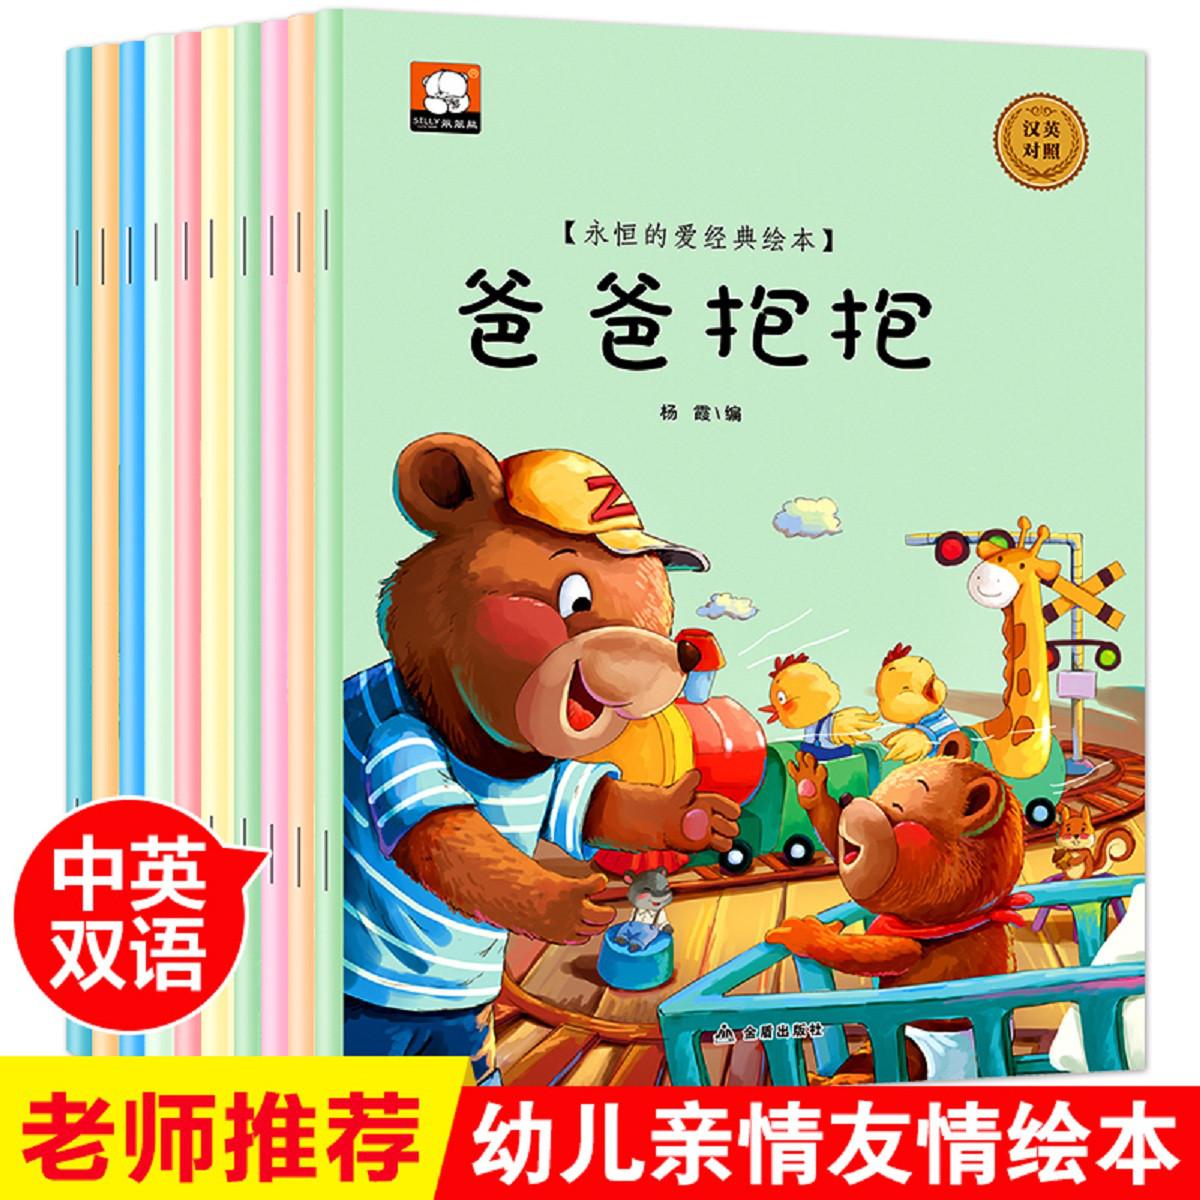 永恒的爱经典绘本10册宝宝情绪管理与性格培养幼儿阅读的翻翻看